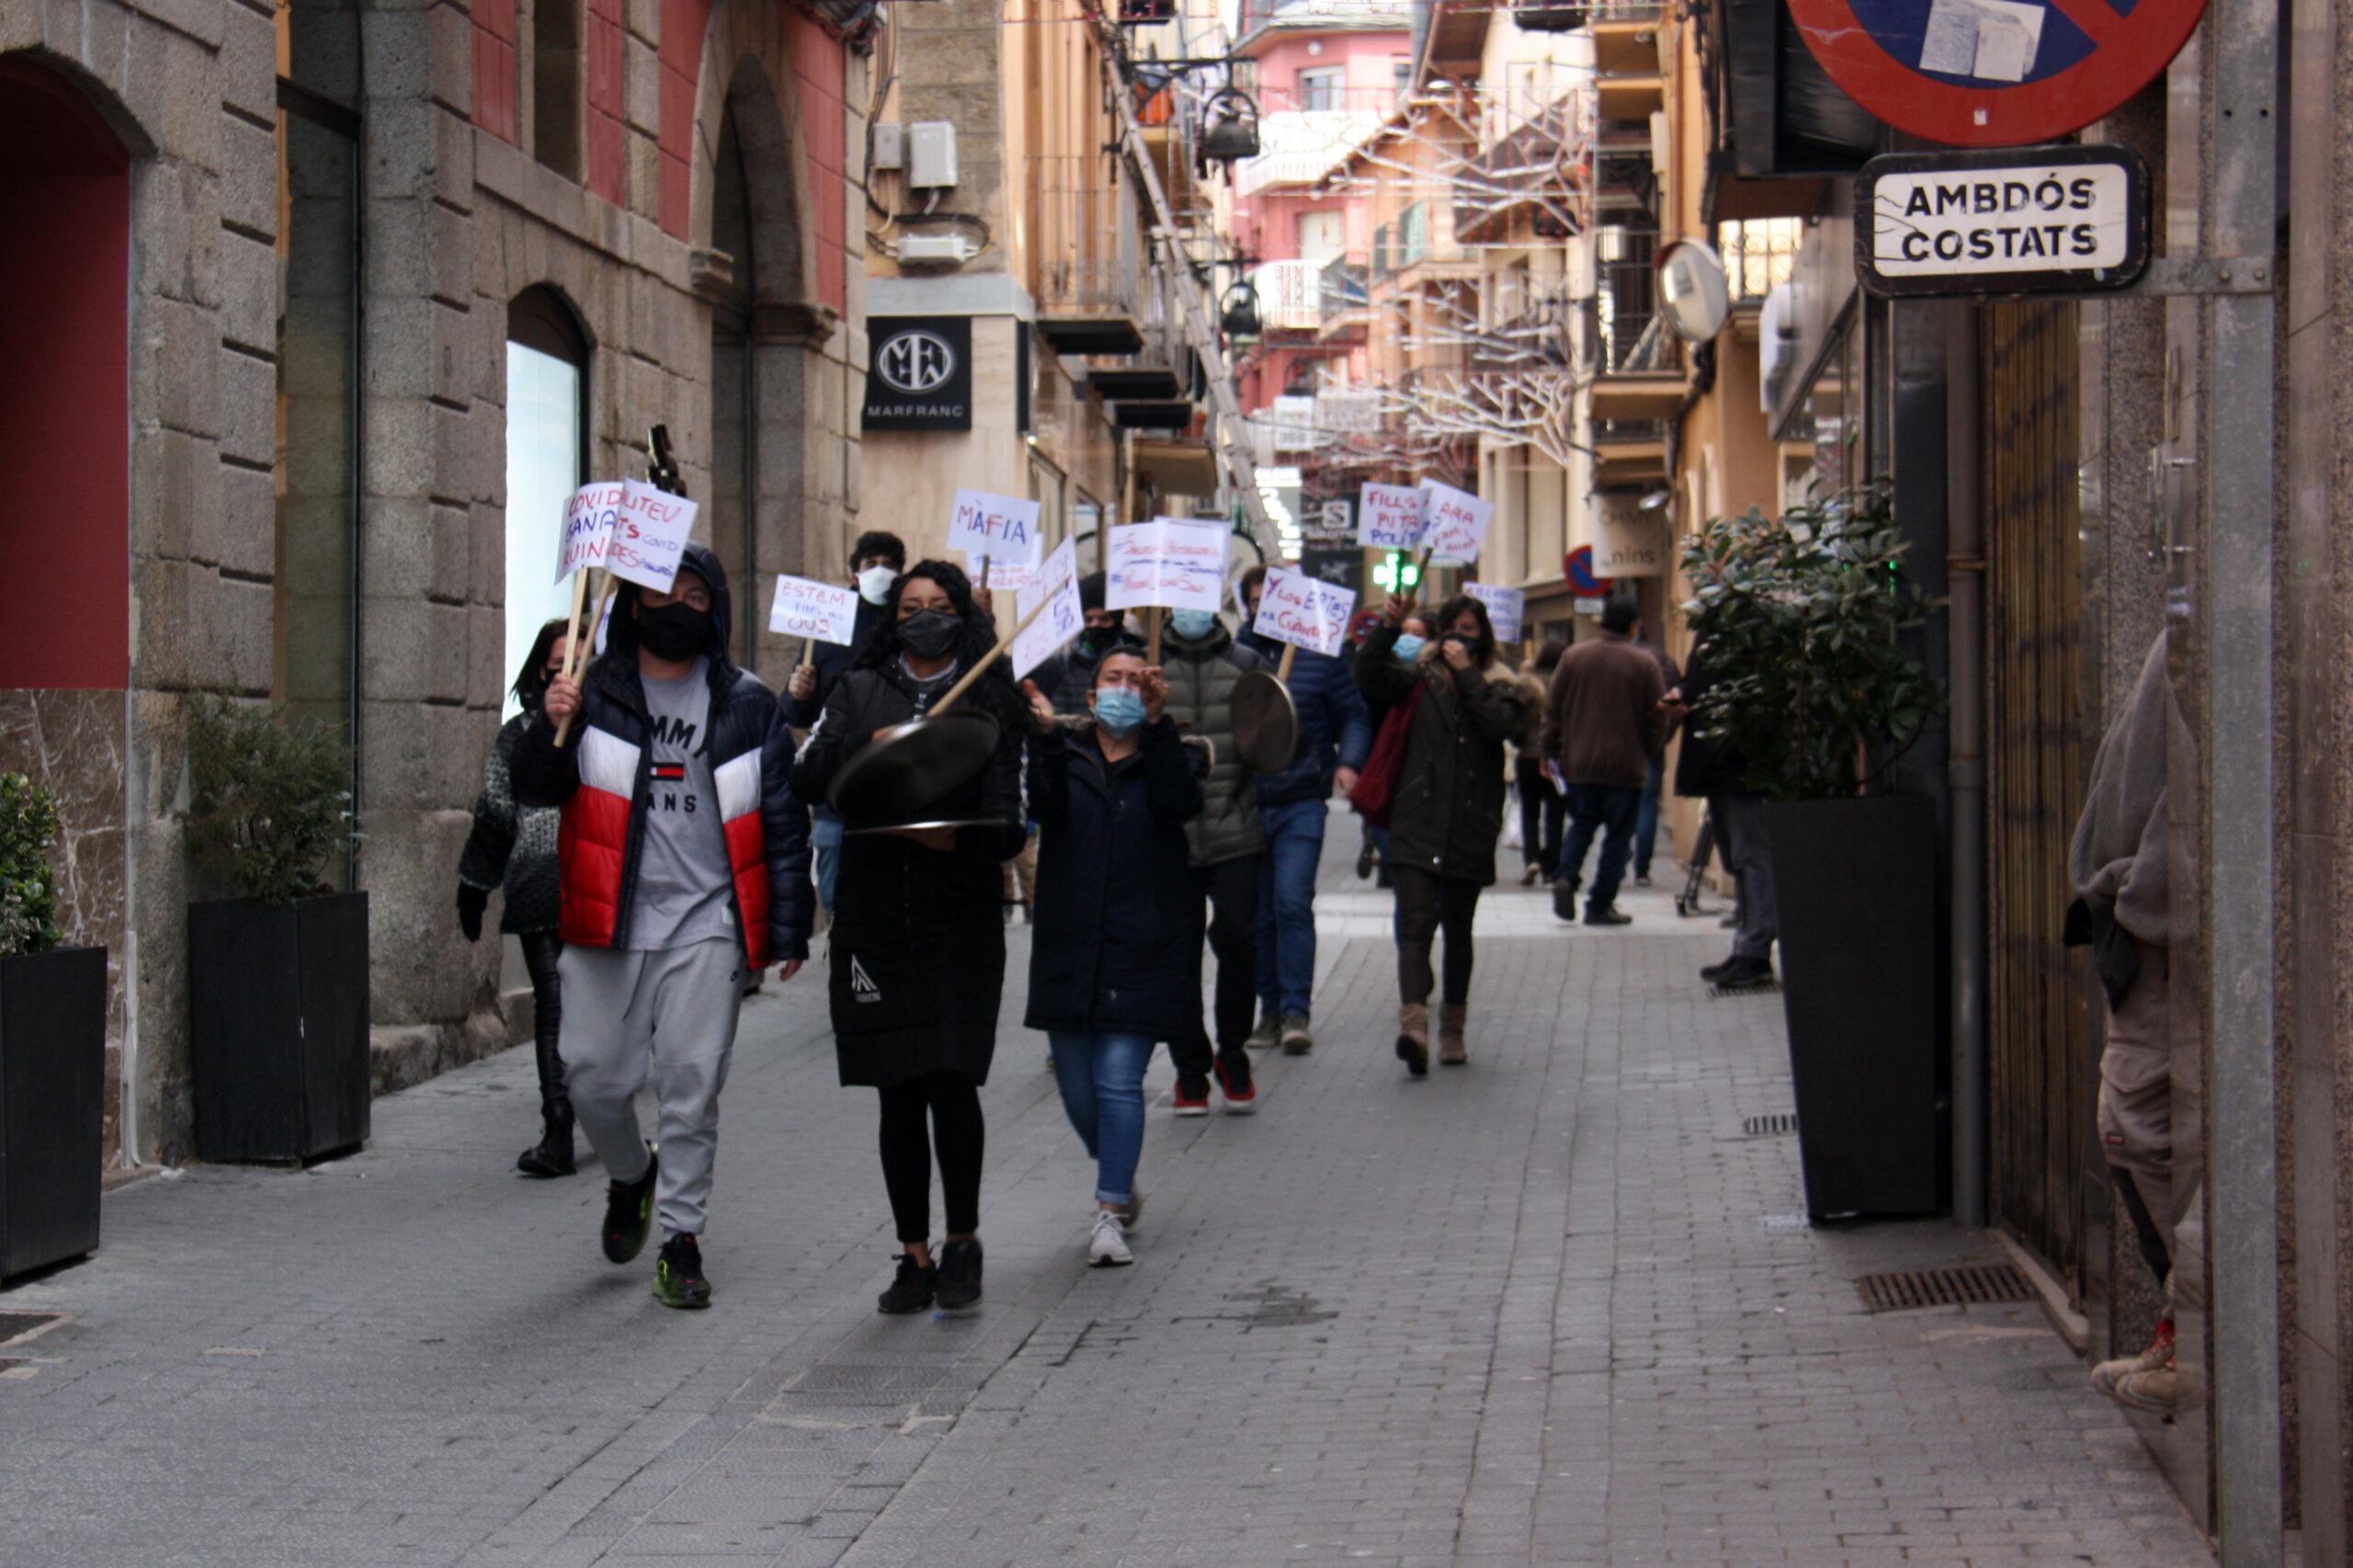 Manifestants del sector de la restauració de la Cerdanya amb pancartes arribant a la concentració convocada a la plaça de l'Ajuntament de Puigcerdà per protestar contra el confinament perimetral | ACN